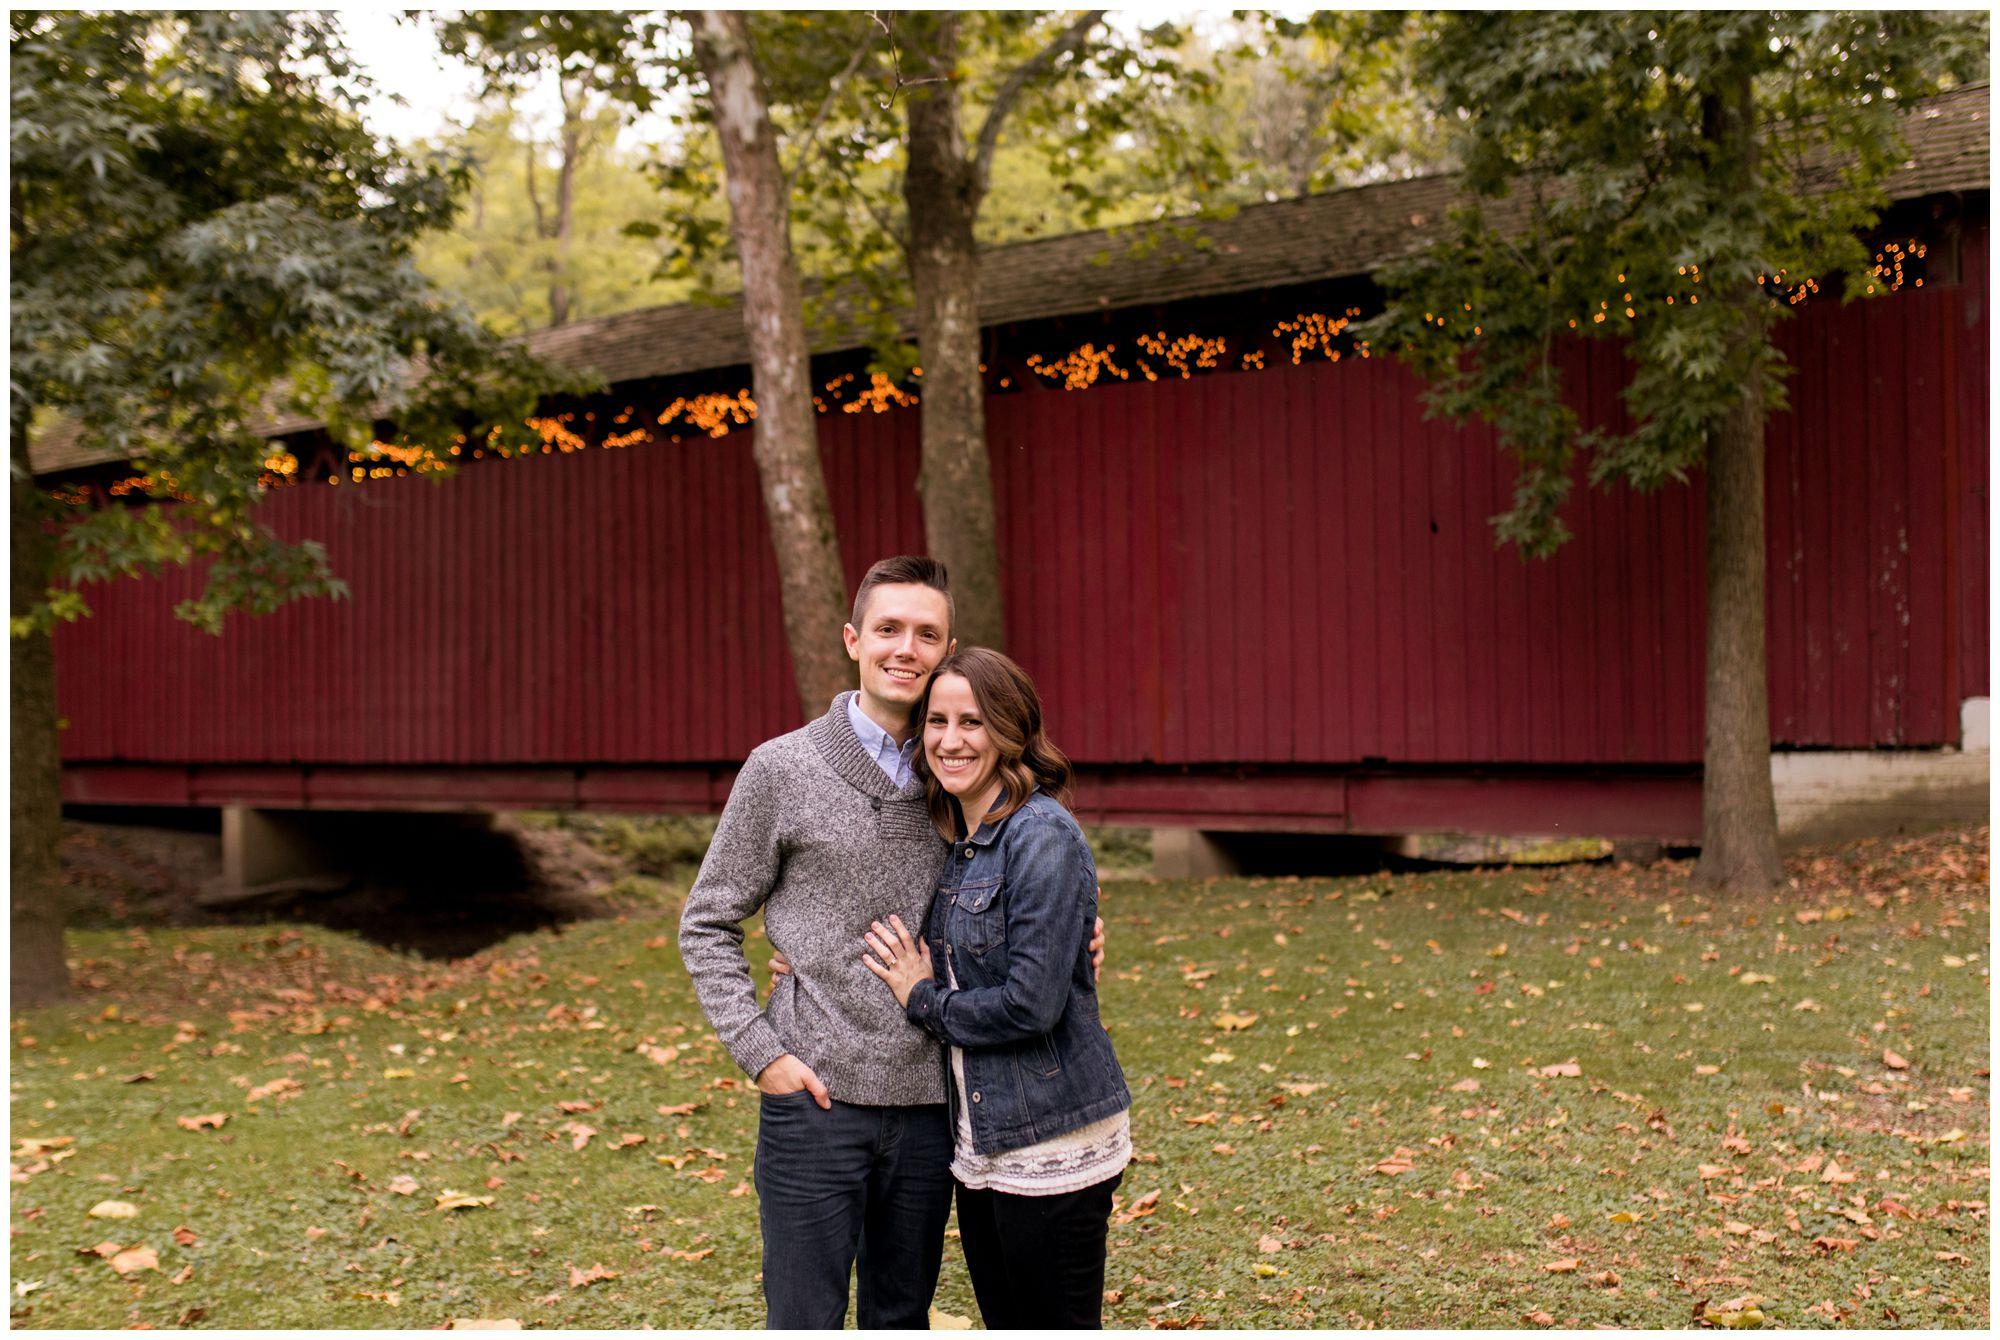 Kokomo Indiana engagement session at Highland Park